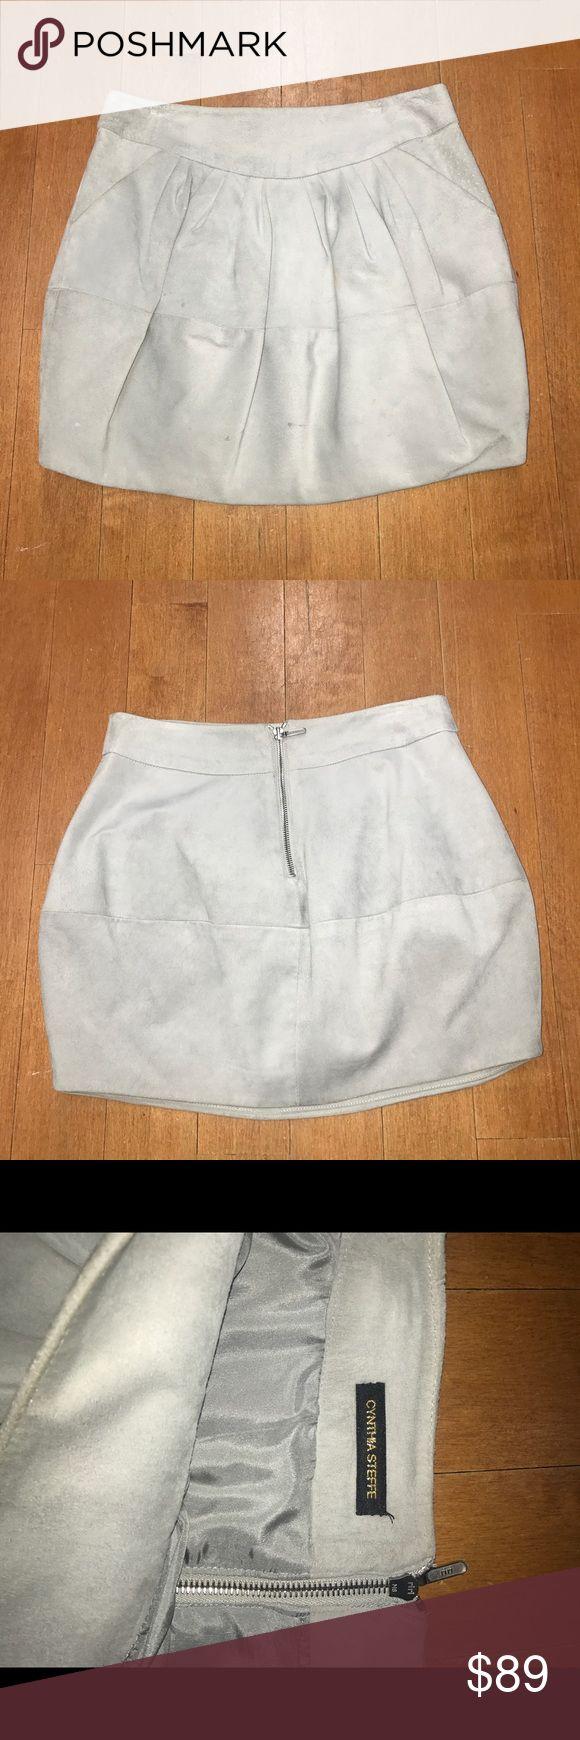 Cynthia Steffe suede balloon skirt. Cynthia Steffe light grey suede balloon mini skirt Cynthia Steffe Skirts Mini